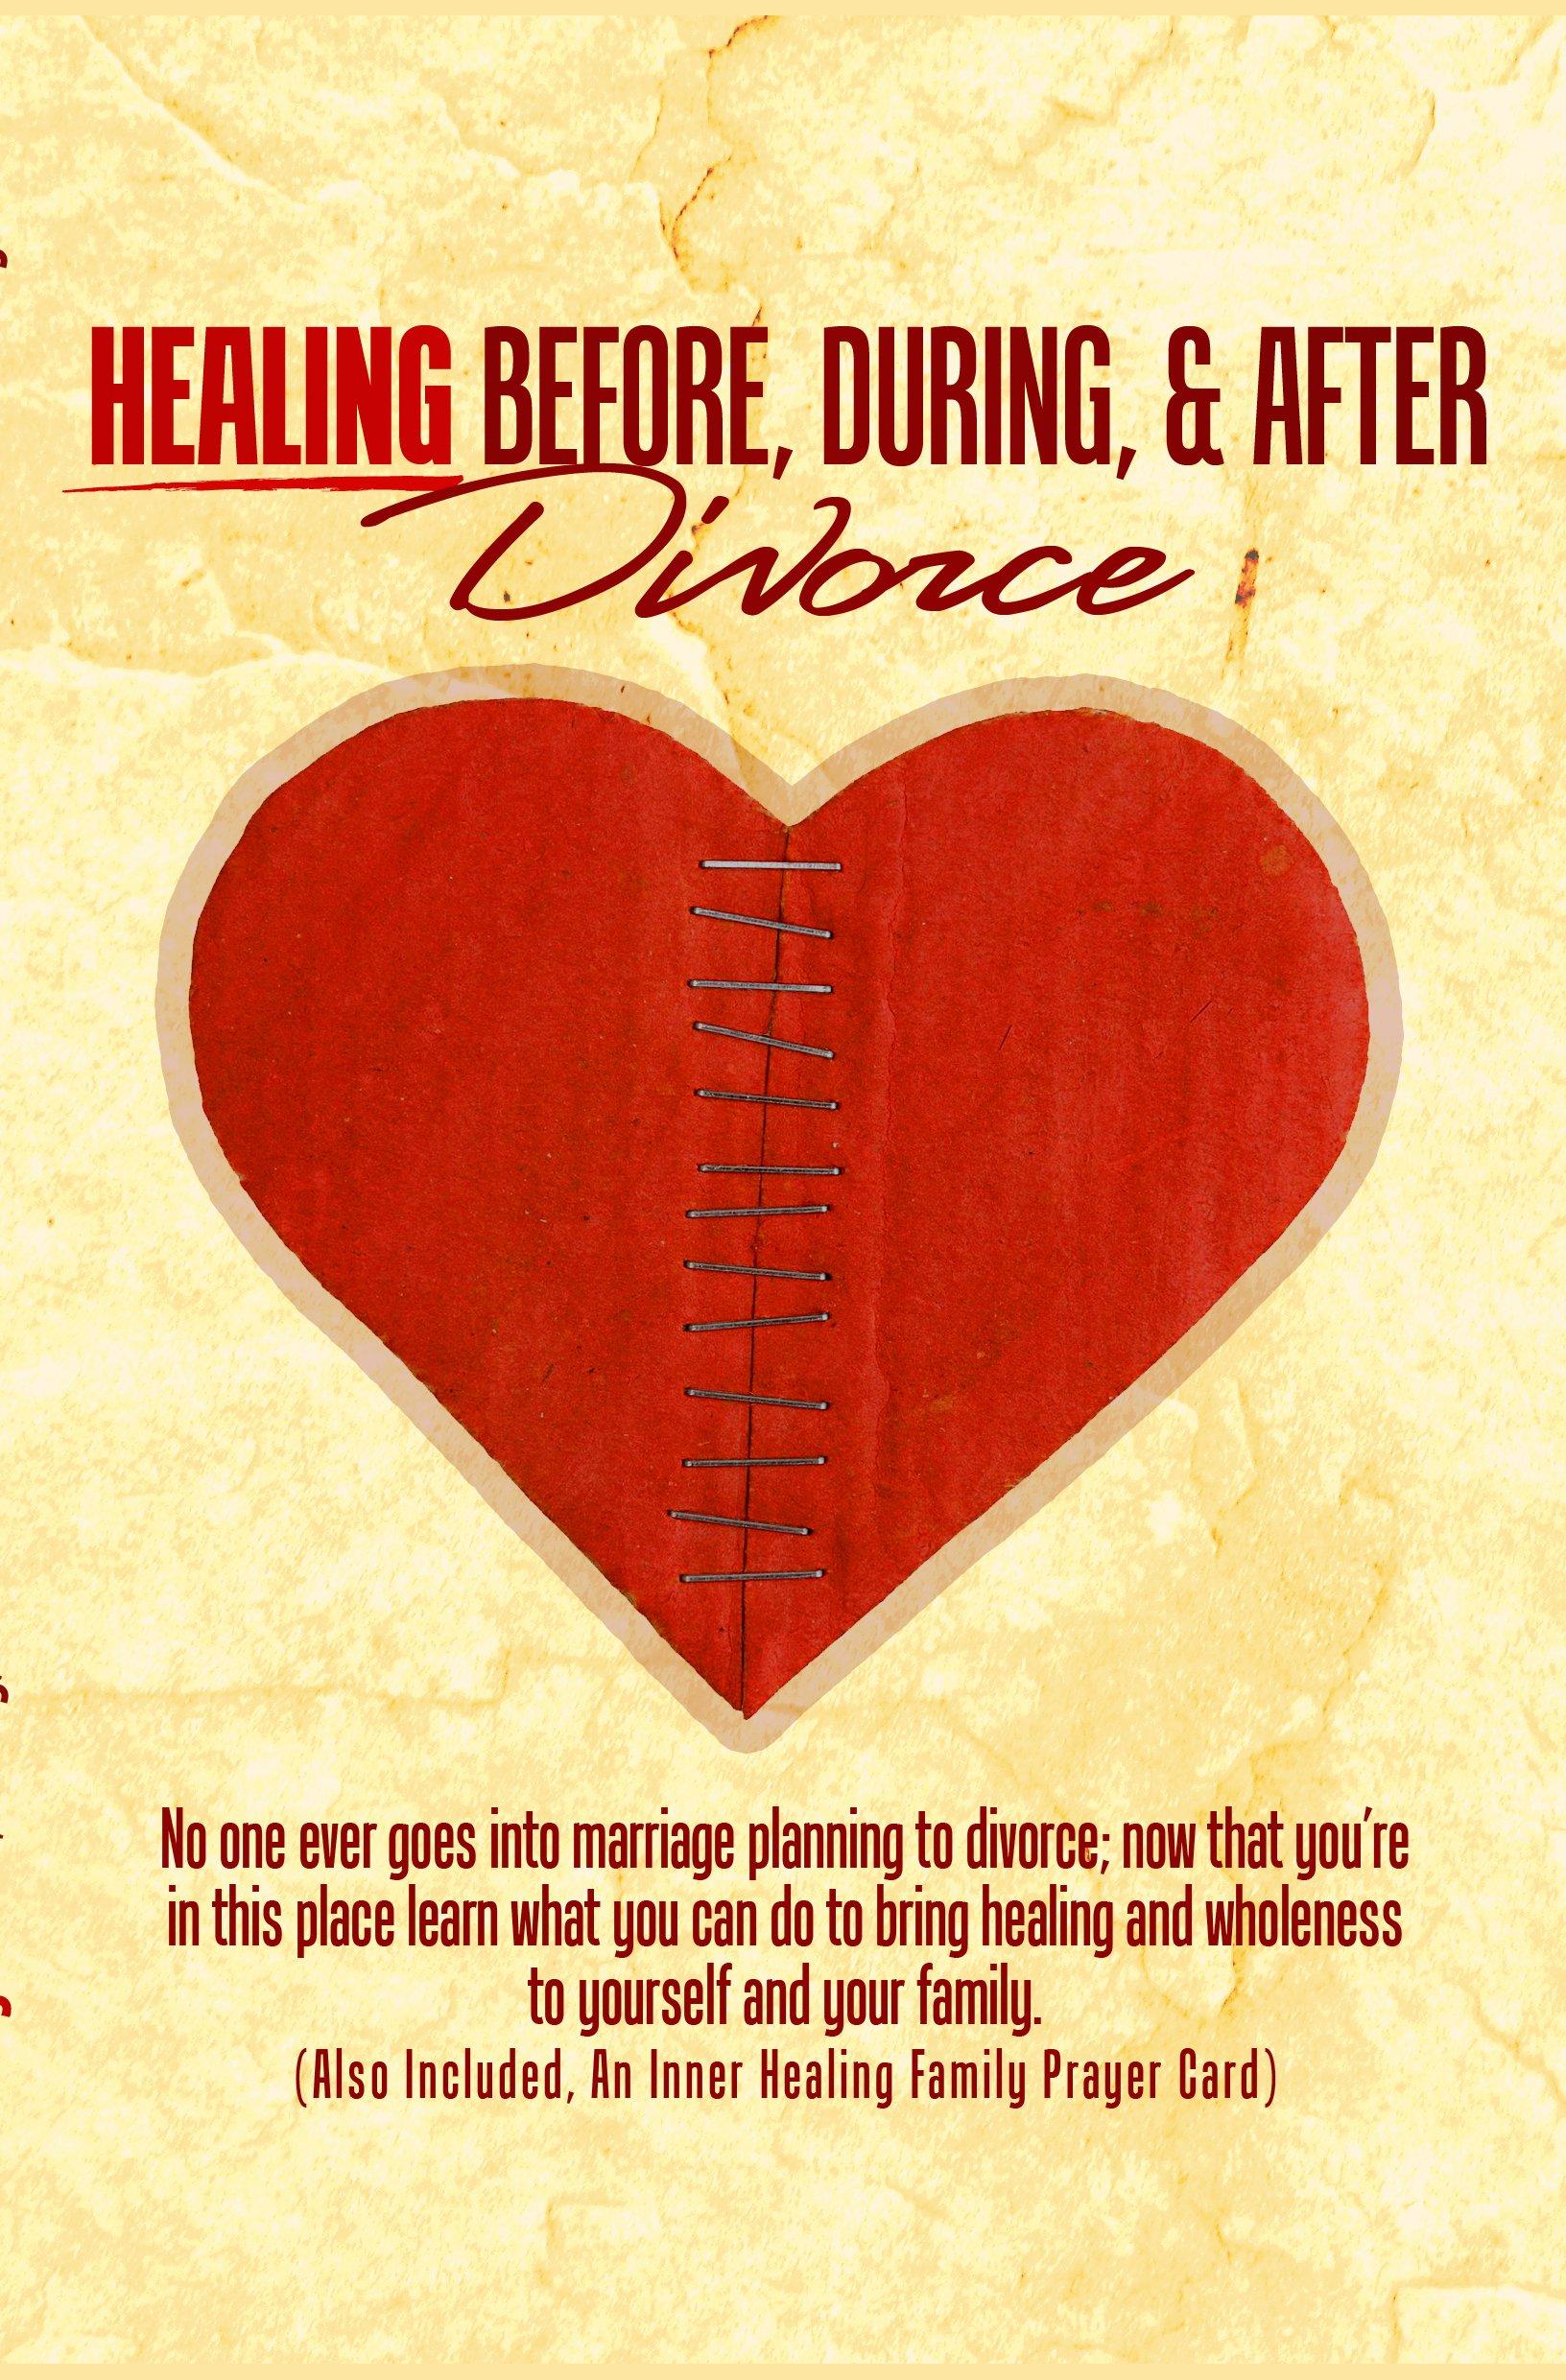 Prayer for divorce healing